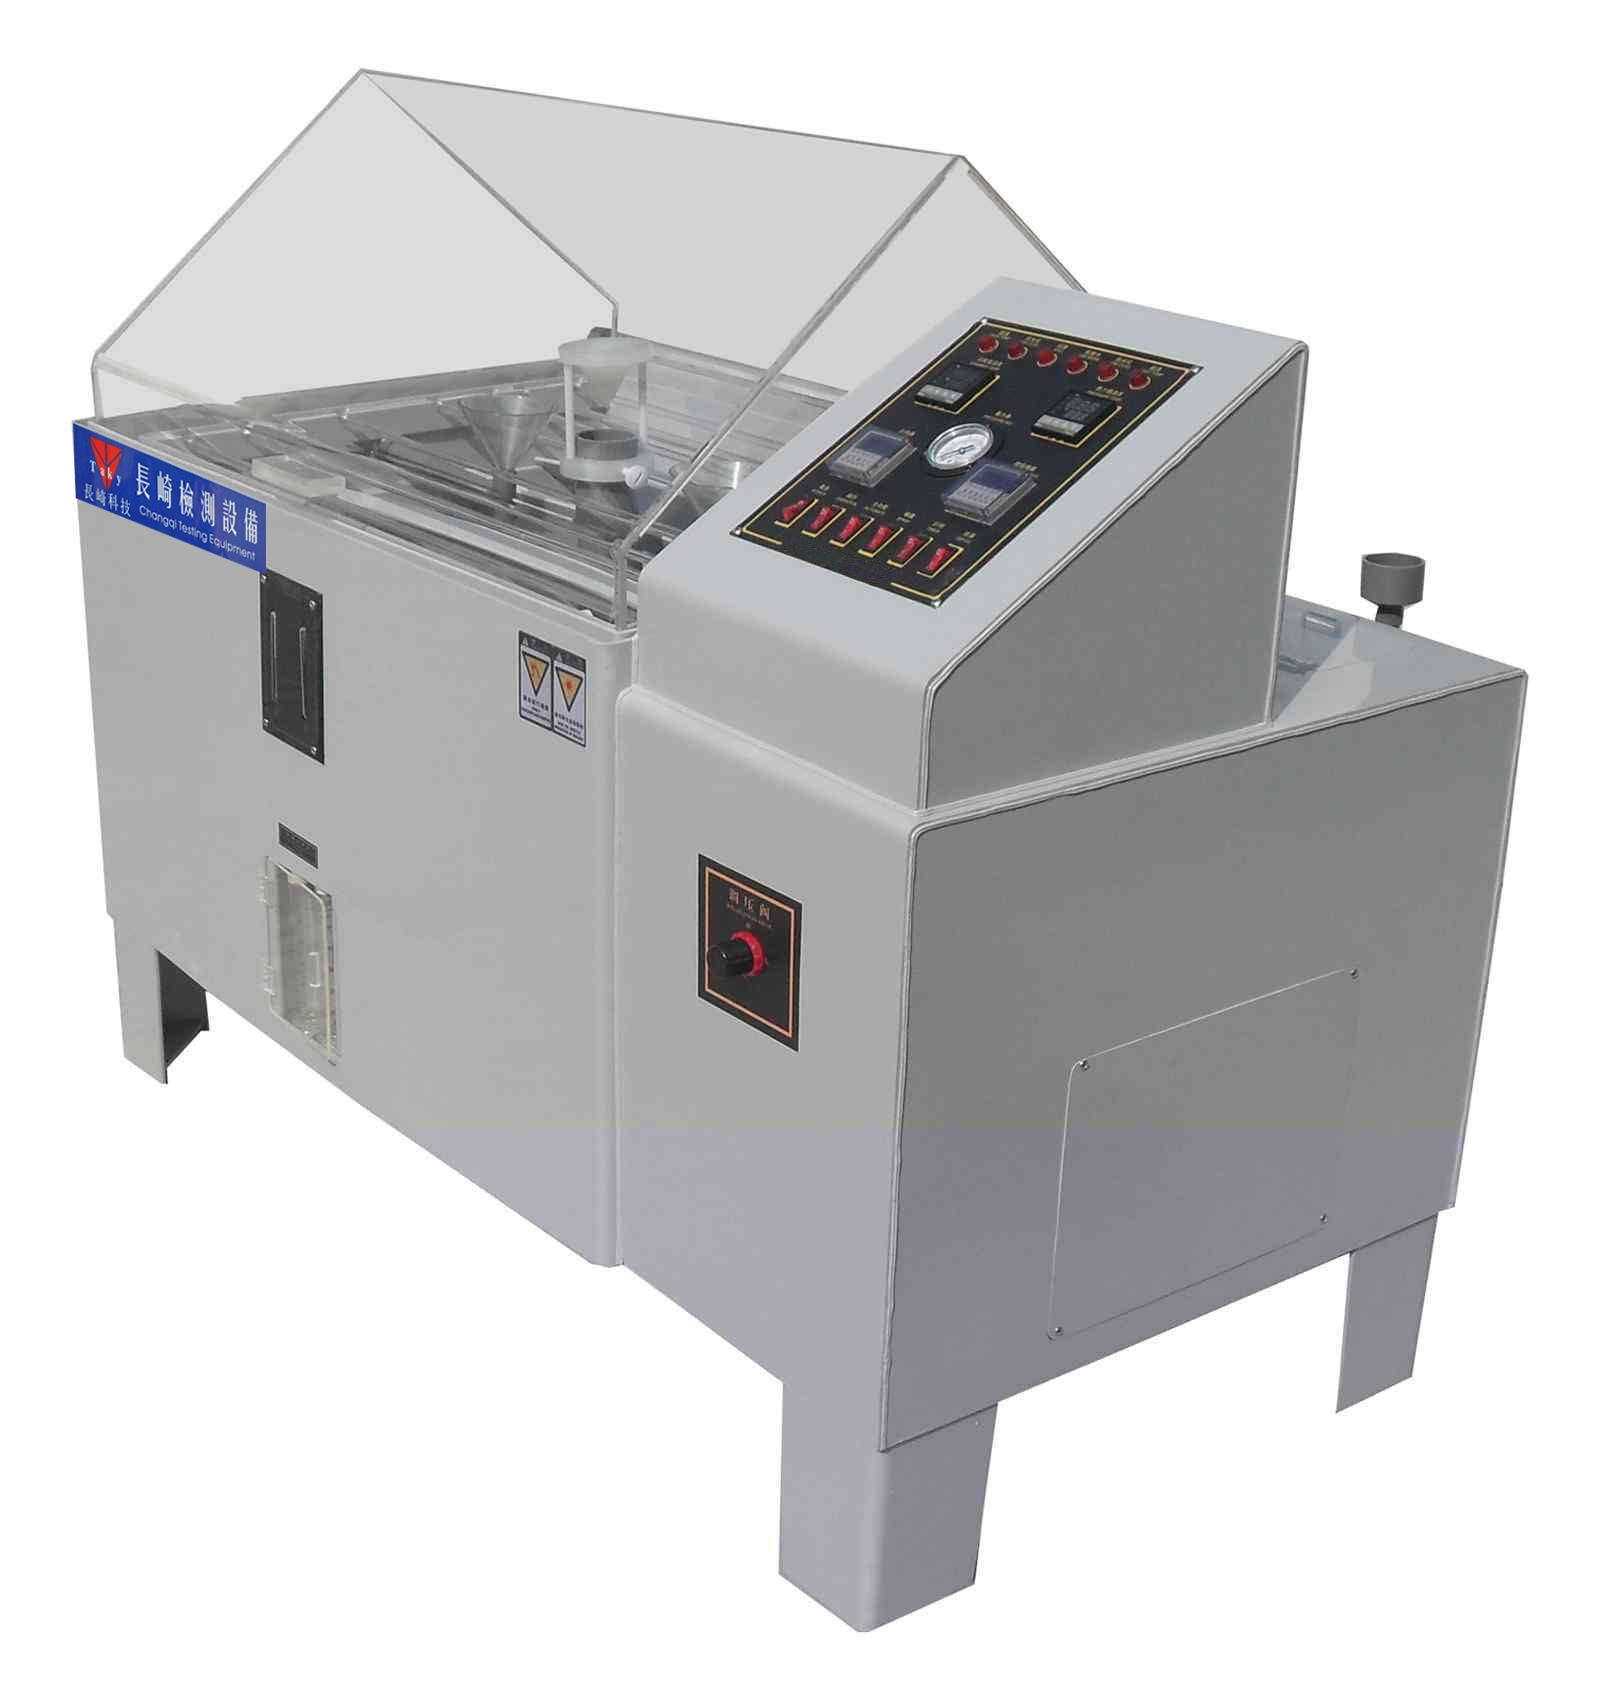 盐雾试验箱盐水溶液的配置方法